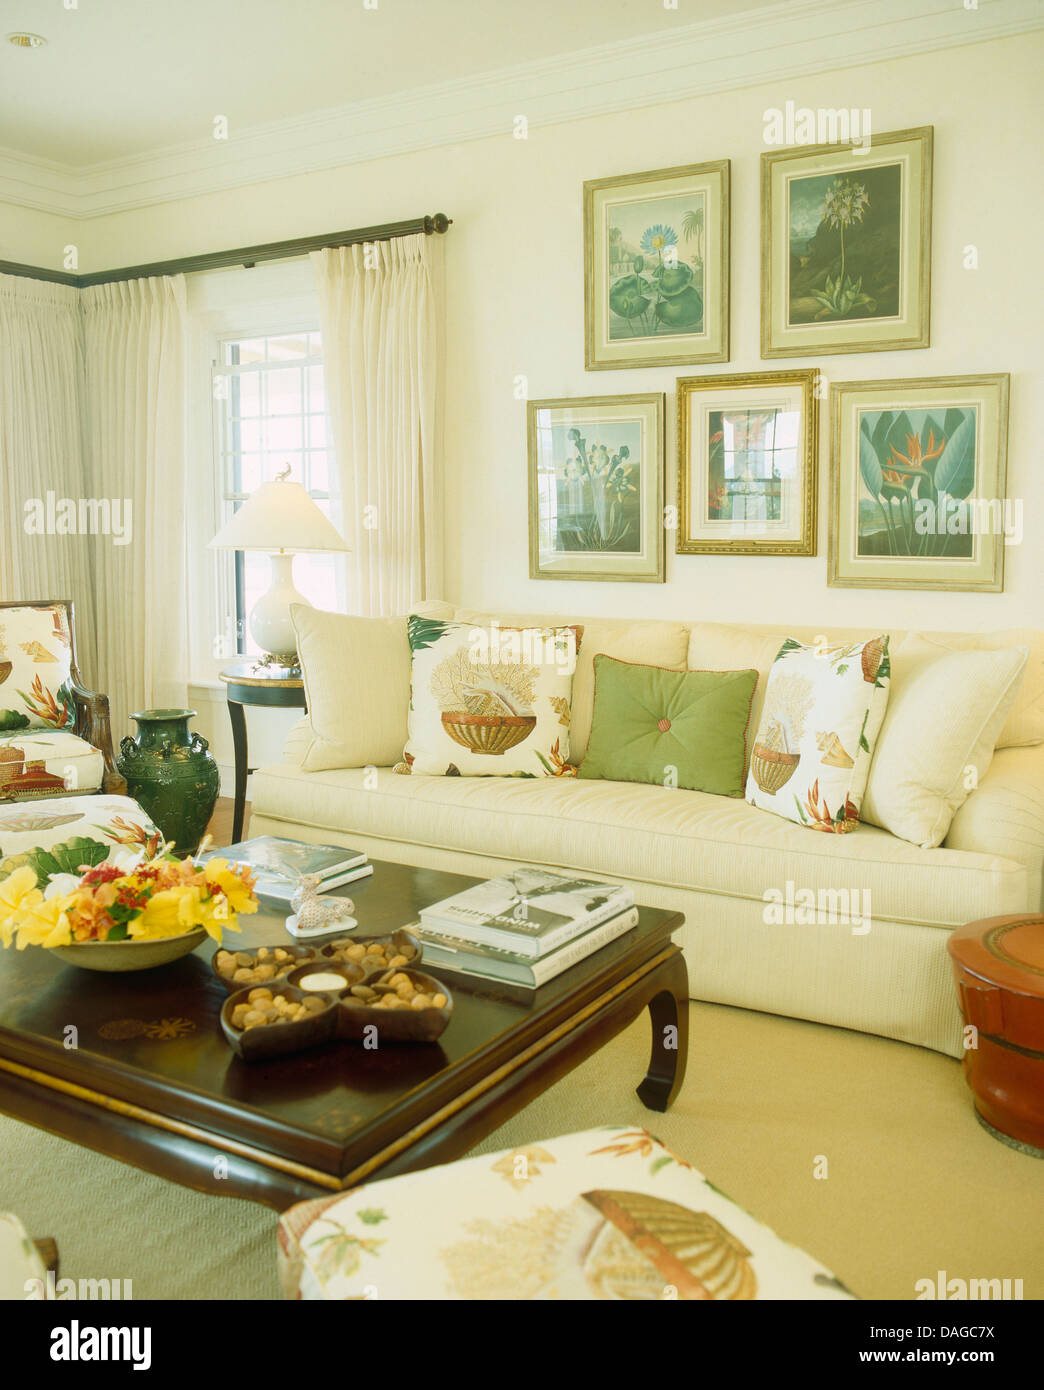 Dunkles Holz Couchtisch In Bermuda Wohnzimmer Mit Gruppe Von Bildern über  Sahne Sofa Mit Kissen Gestapelt